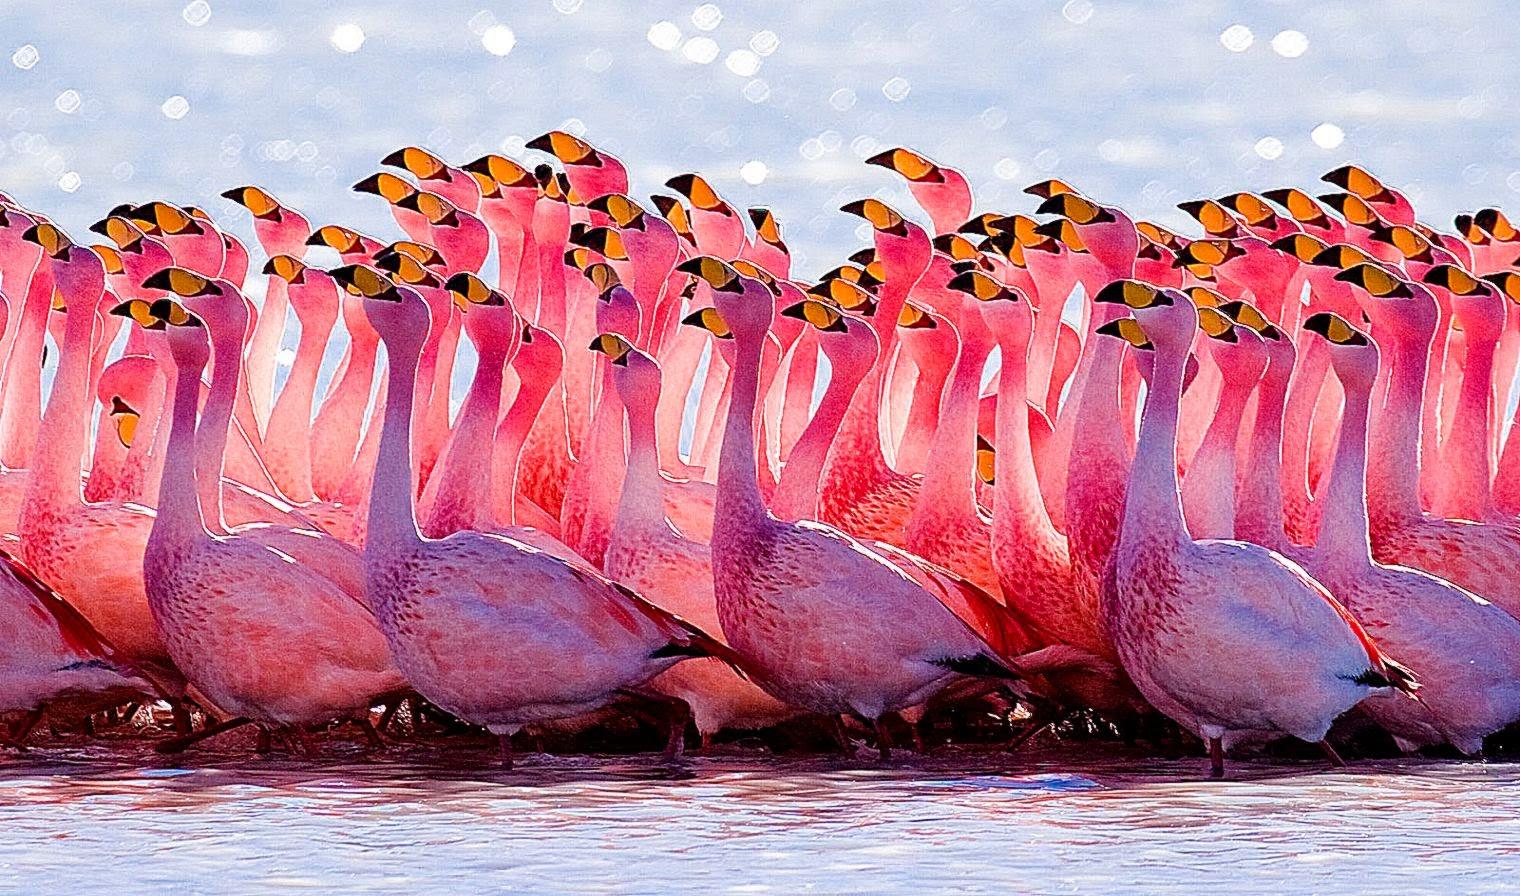 Pink Flamingo Wallpaper - WallpaperSafari